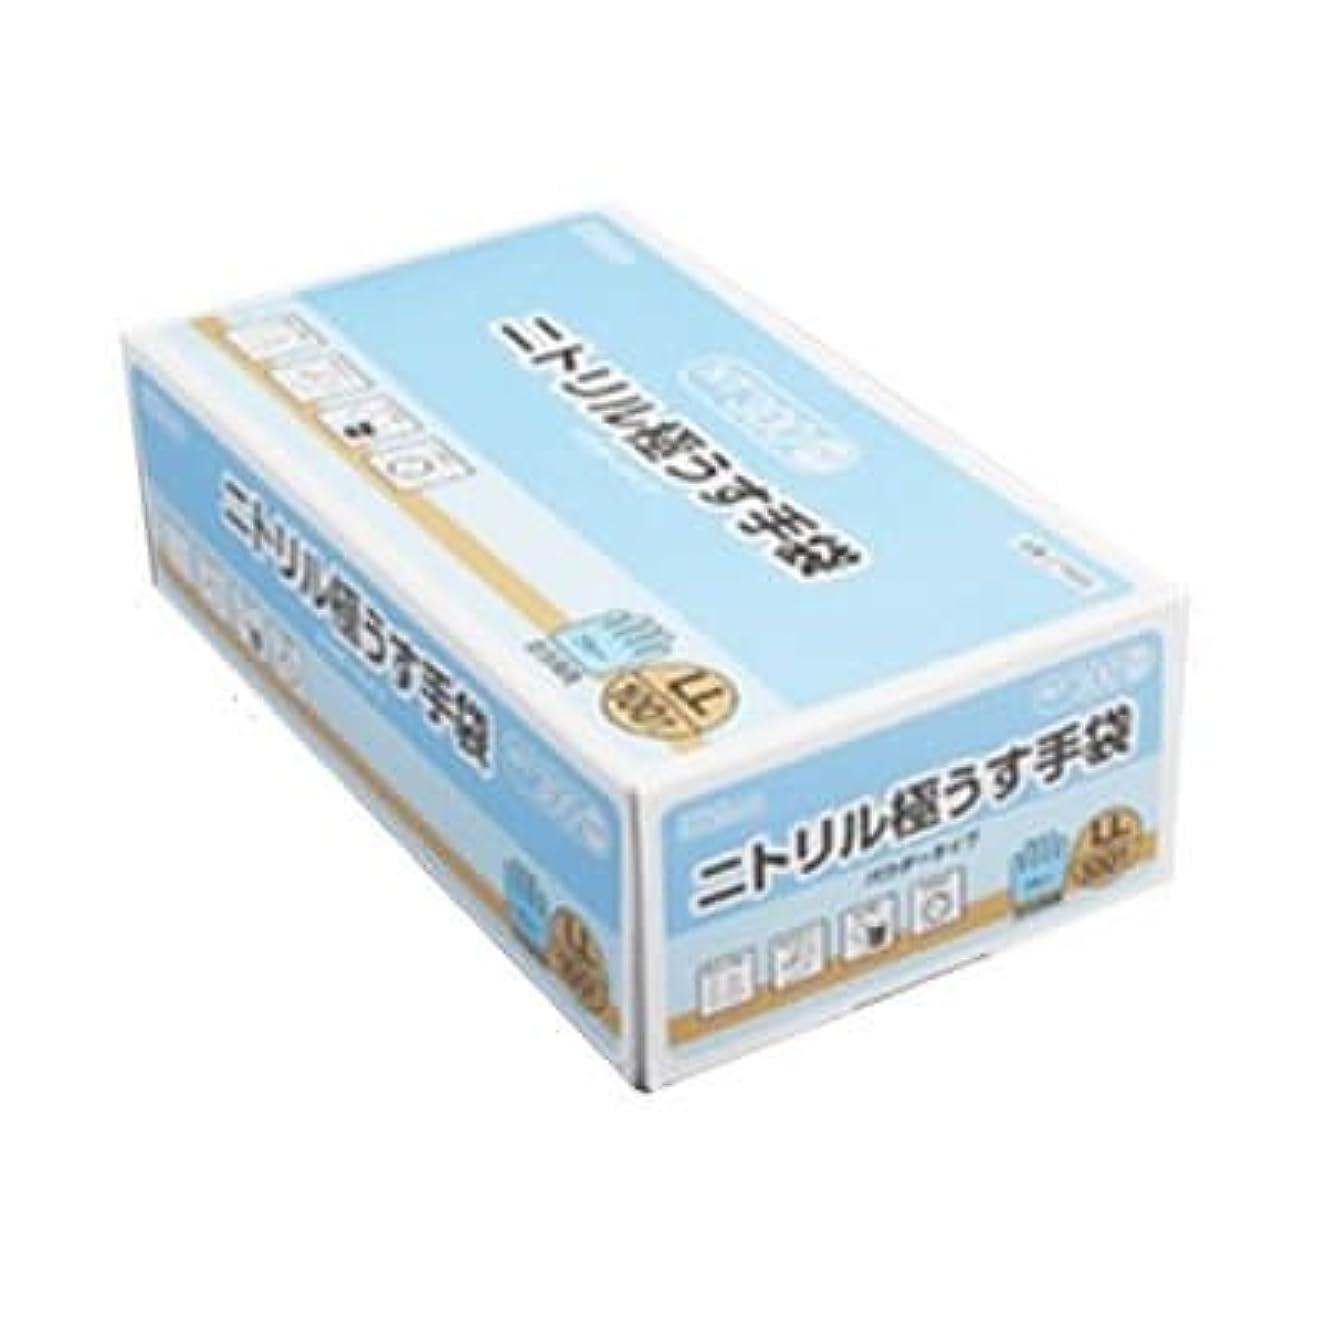 バンジョー剪断十分に【ケース販売】 ダンロップ ニトリル極うす手袋 粉付 LL ブルー NT-300 (100枚入×20箱)